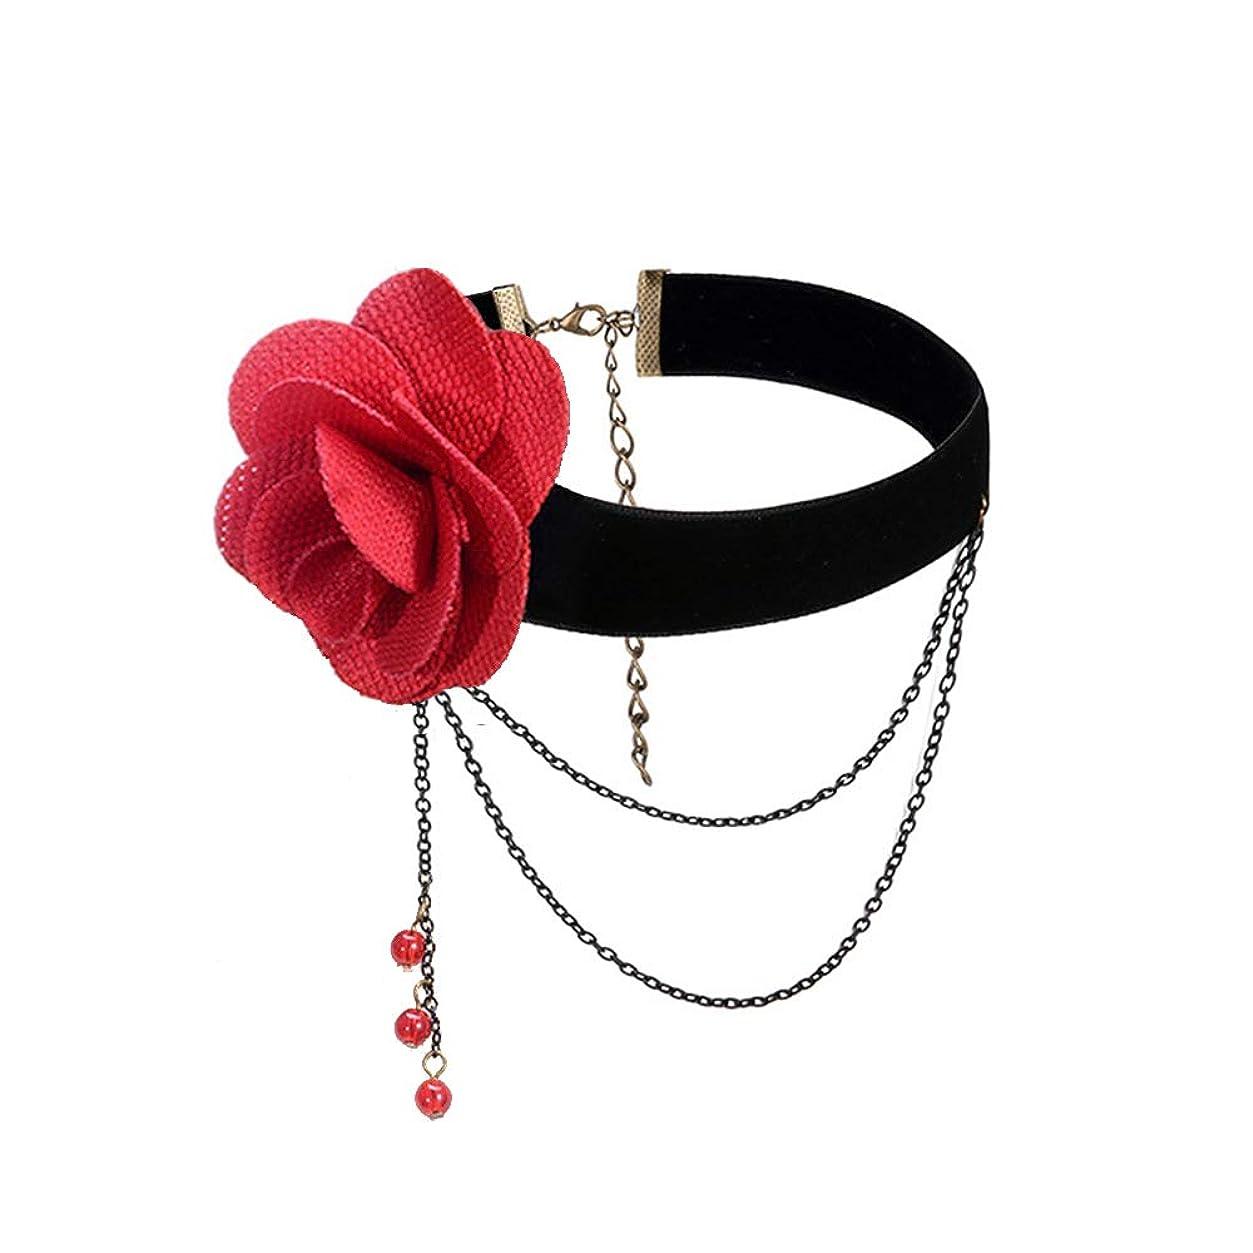 不適切な遠征ワイドEKIND アンティーク 薔薇 チョーカー ロリータ ゴスロリ コスプレ ネックレス 首輪 バラ (赤)